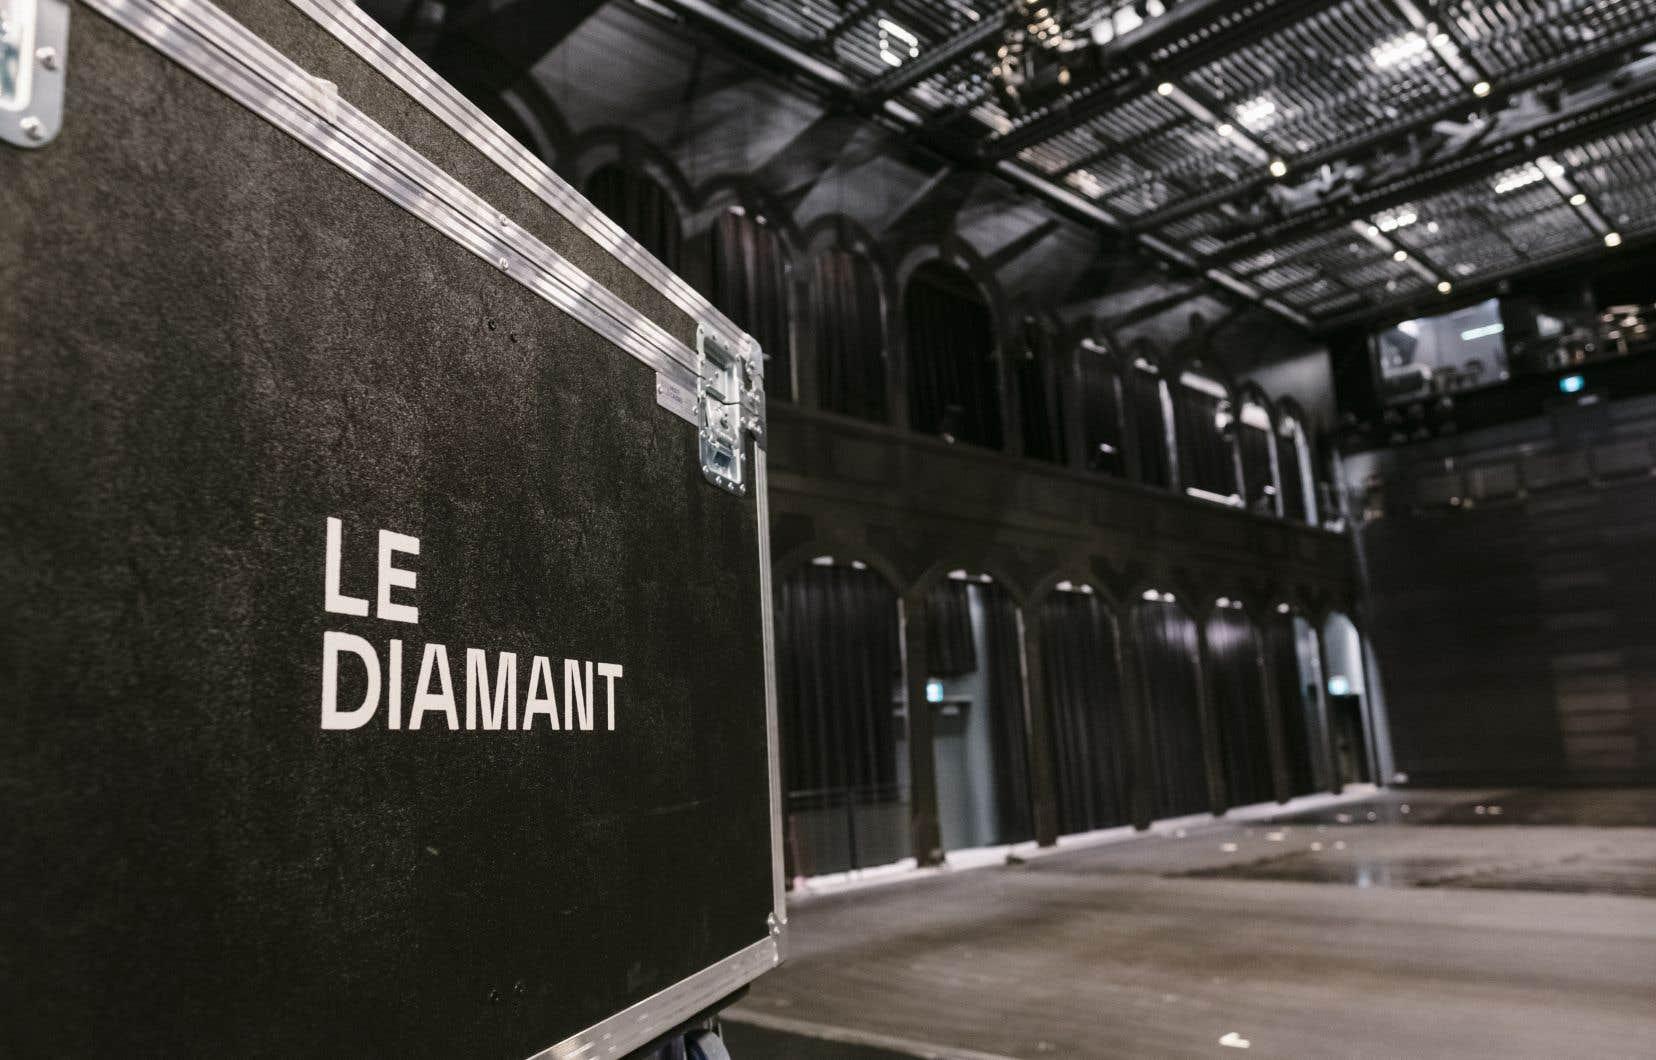 La salle multifonctionnelle du complexe a été conçue pour accueillir des spectacles de différents formats et styles.